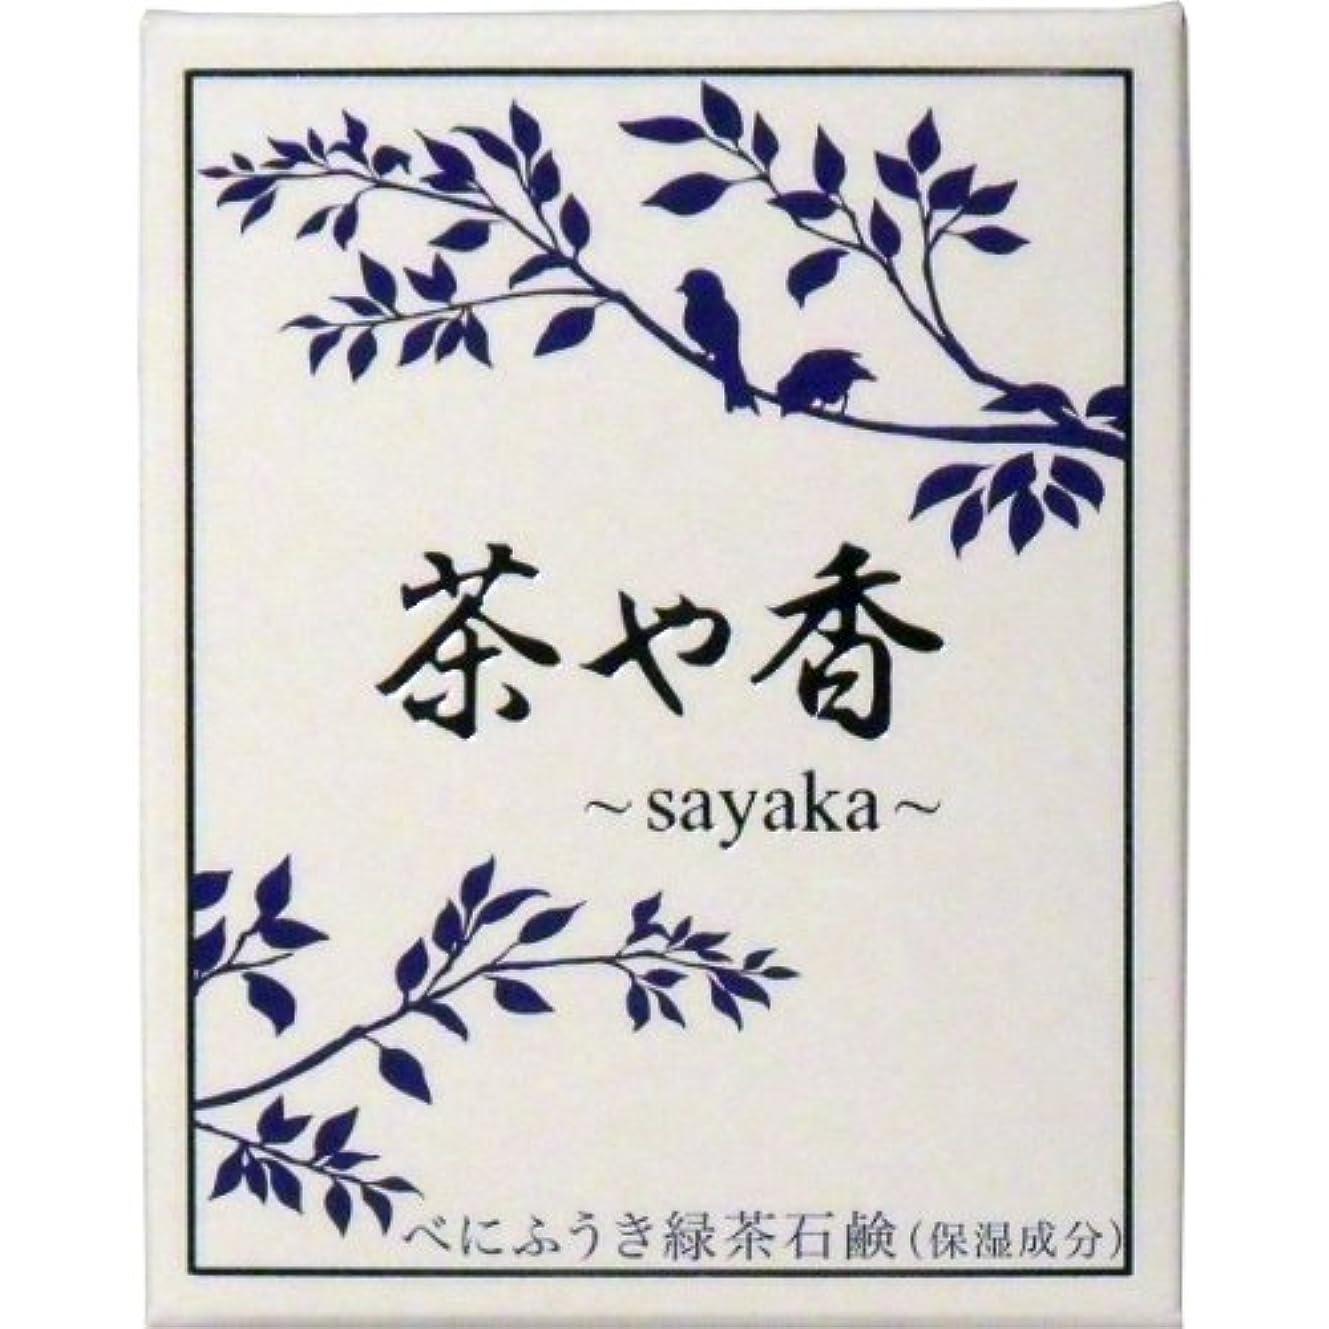 支配的評決抽象化茶や香 -sayaka- べにふうき緑茶石鹸 100g入 ×3個セット